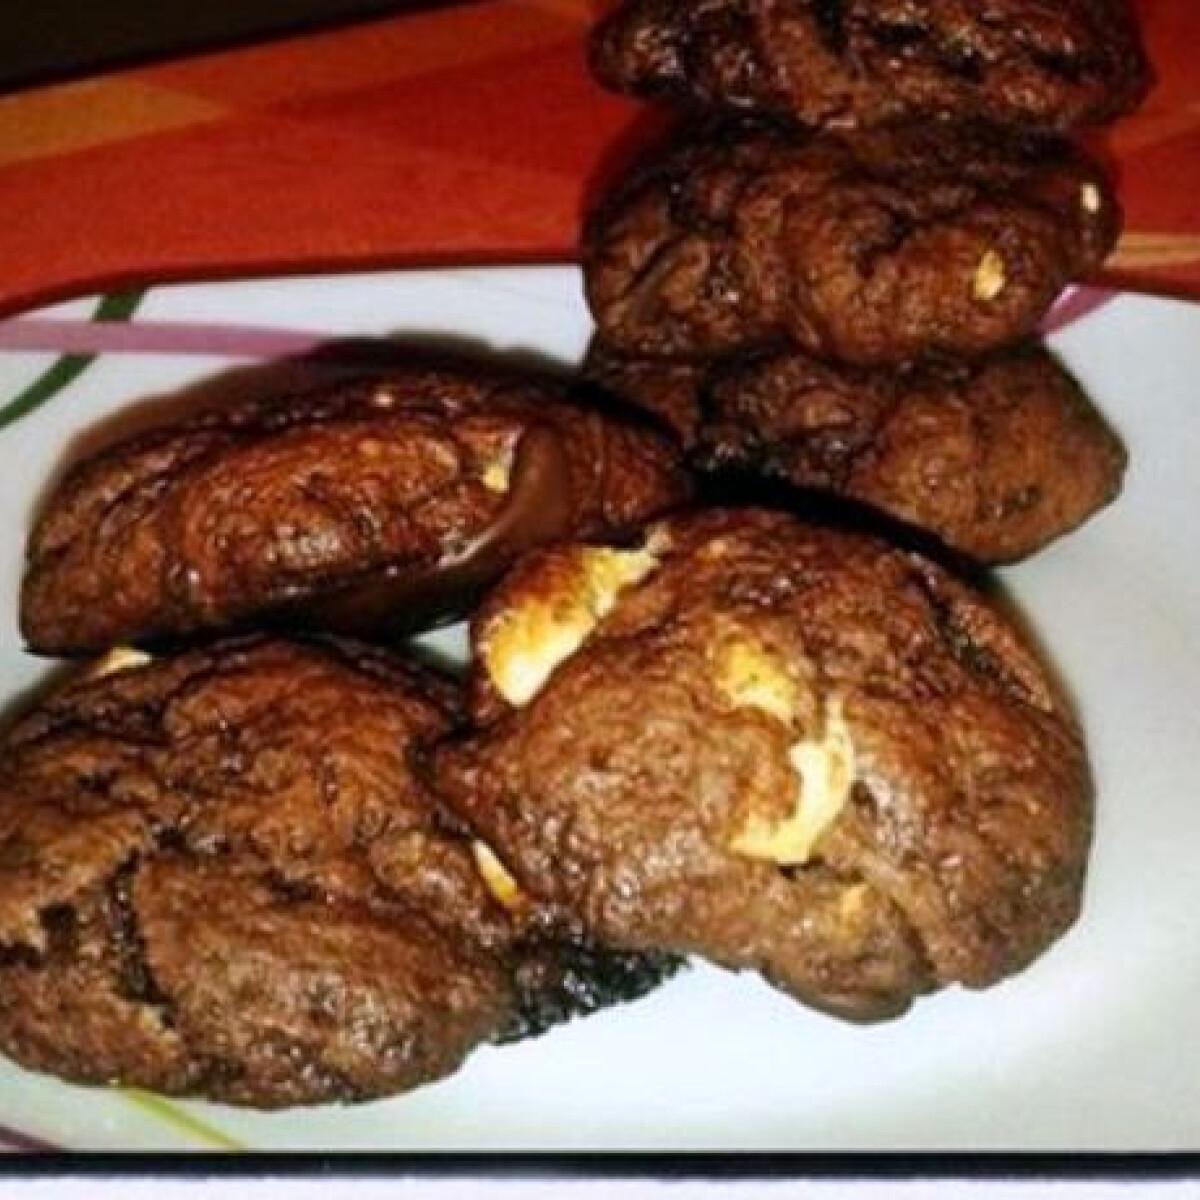 Extra csokis keksz sandraa konyhájából